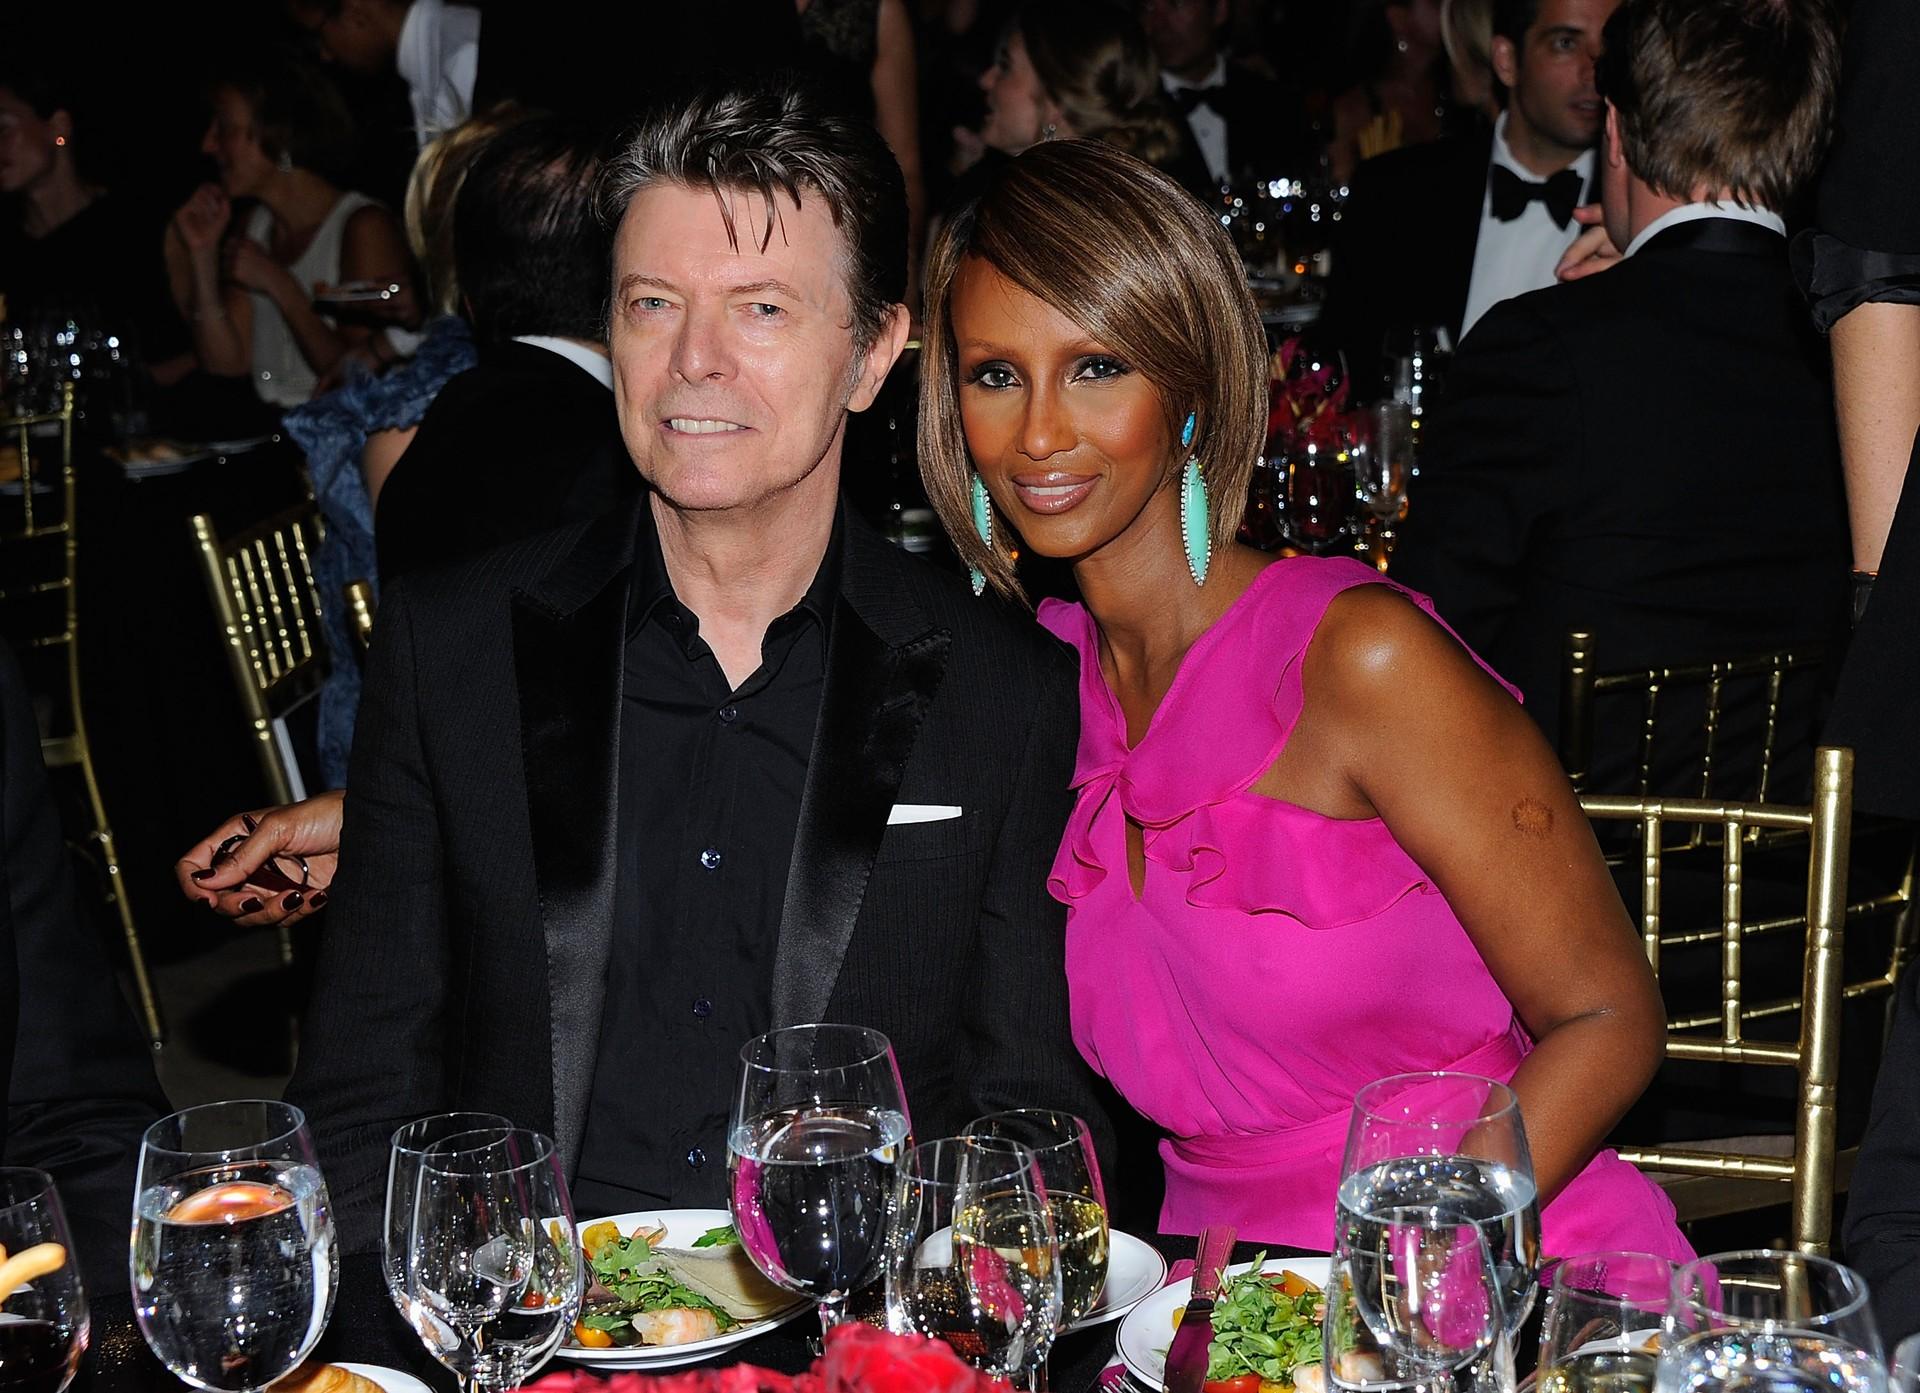 O ícone do pop, Bowie, casou-se com a modelo somali Iman, e tem uma filha com ela. Os dois ganharam reconhecimento mundial pela música de David e a linha de cosméticos da esposa. (Foto: Getty Images)